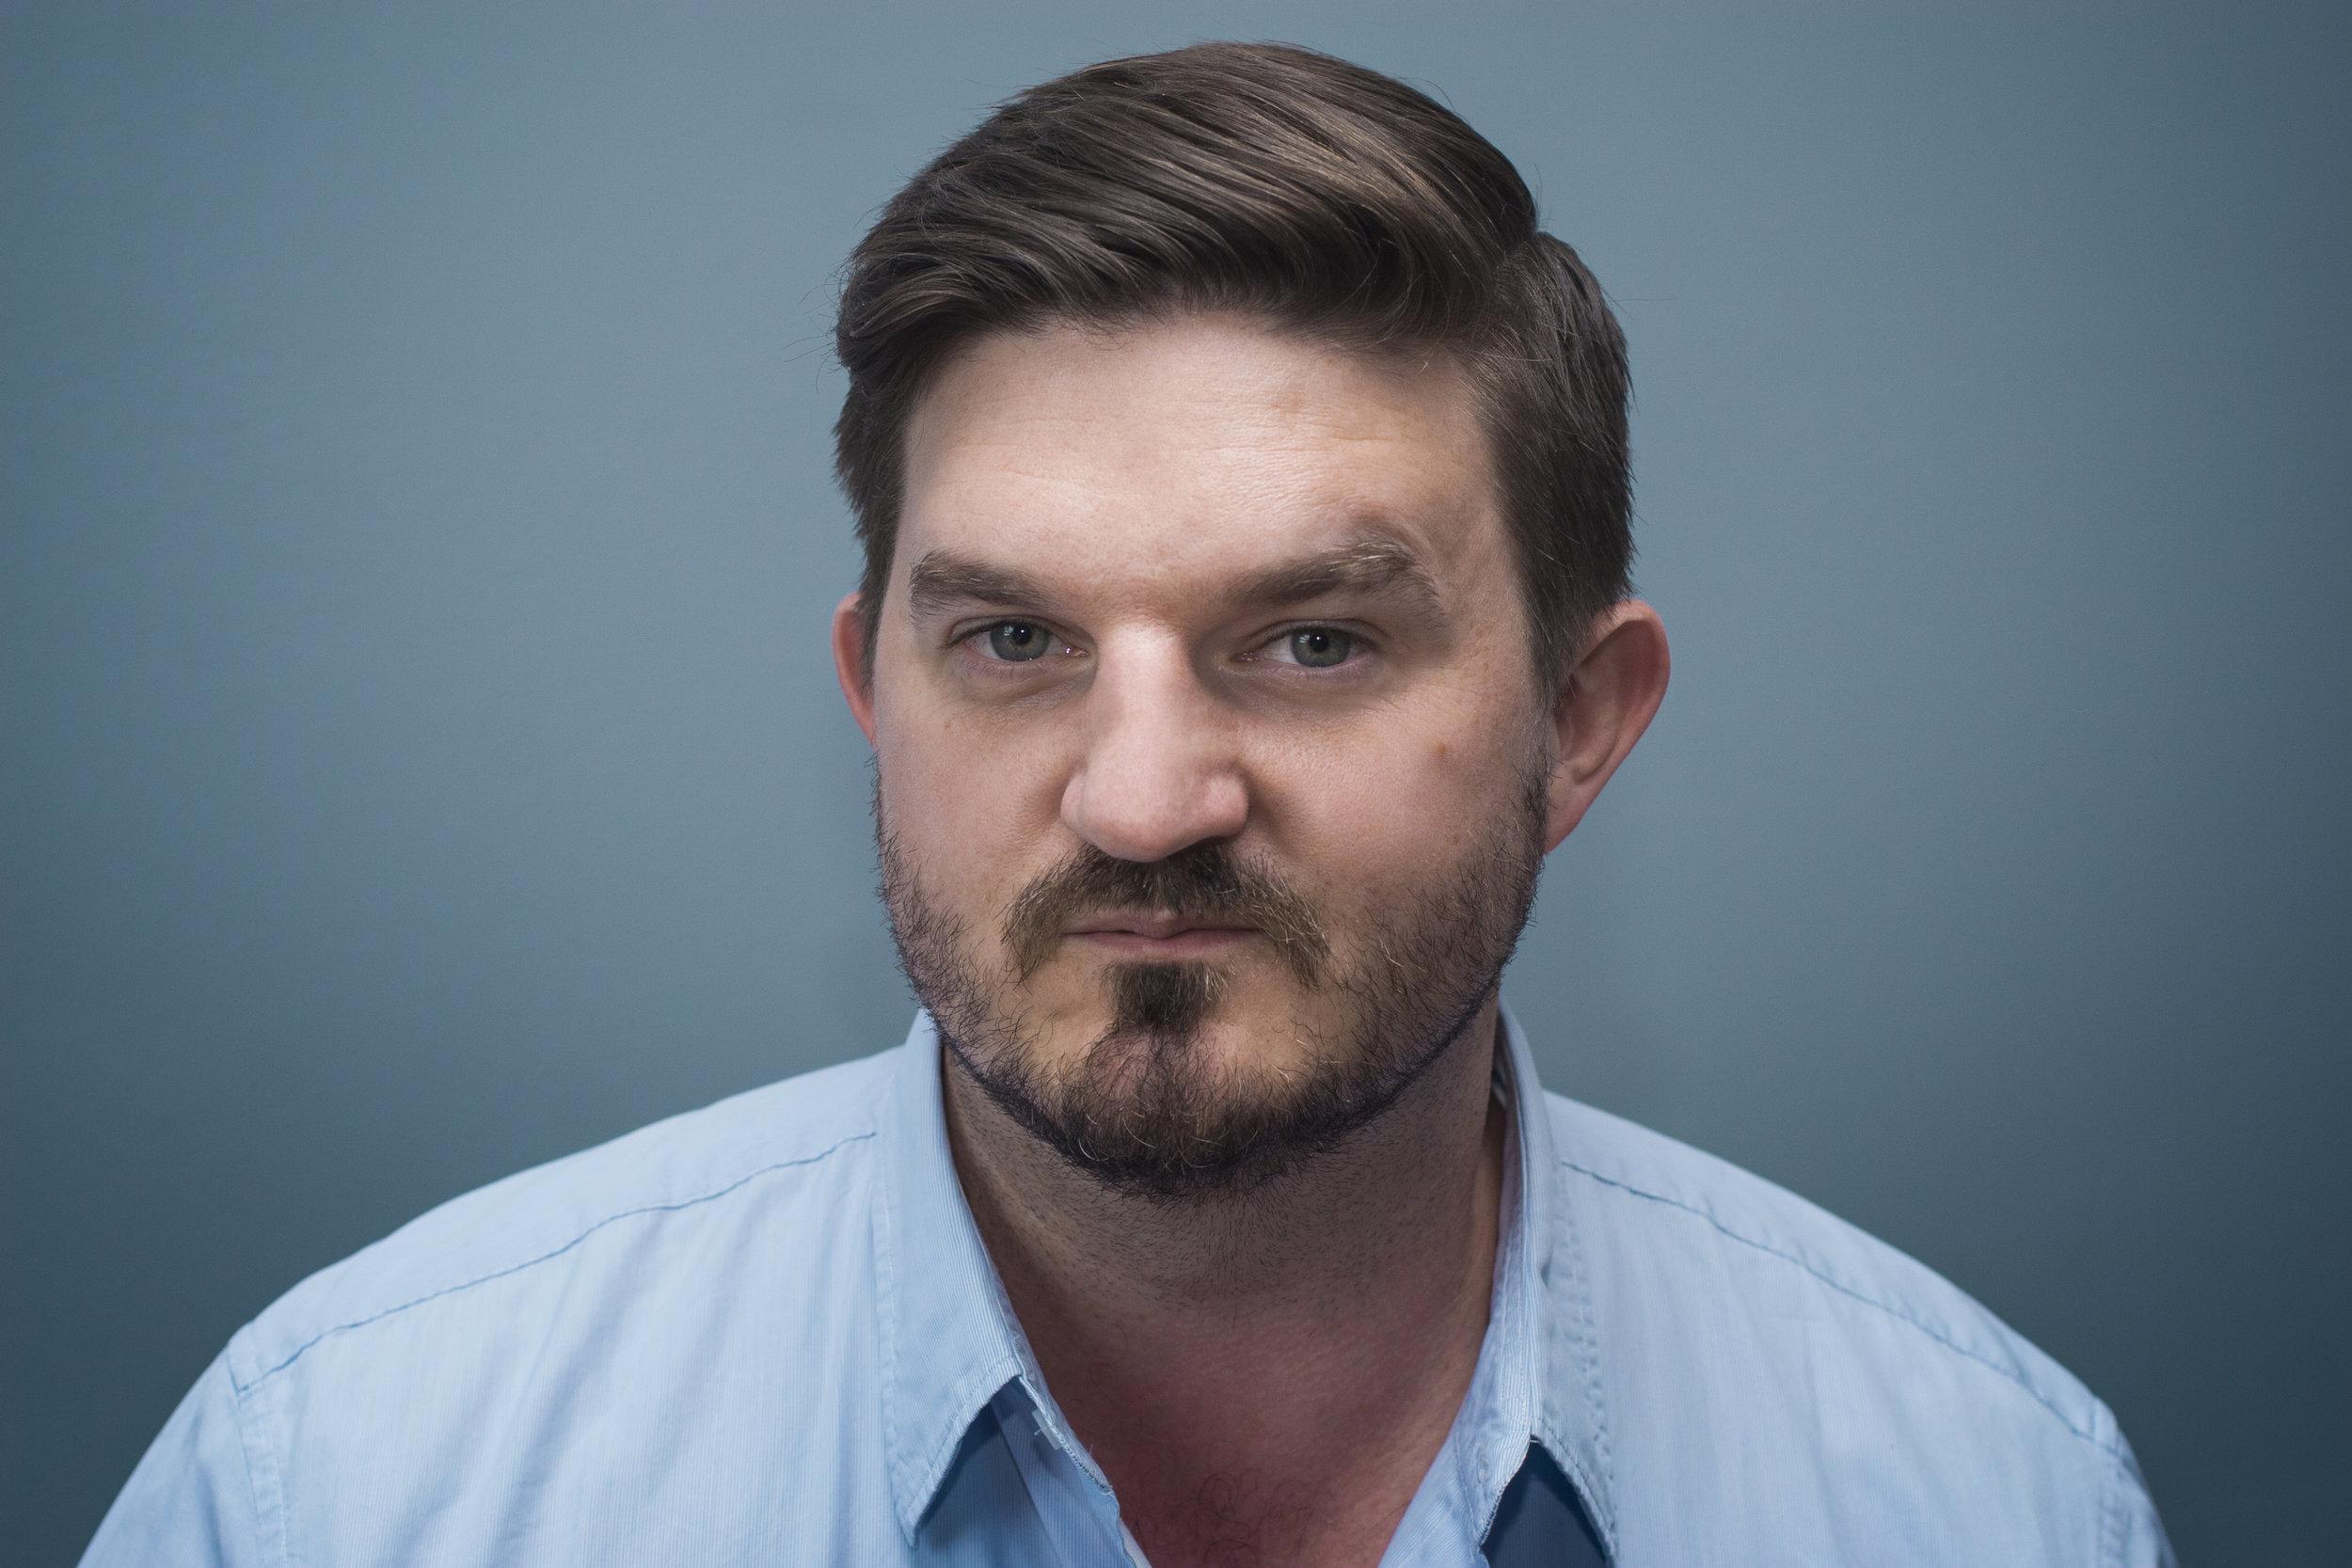 CREATIVE EDITOR <em>Colin Loughlin</em>